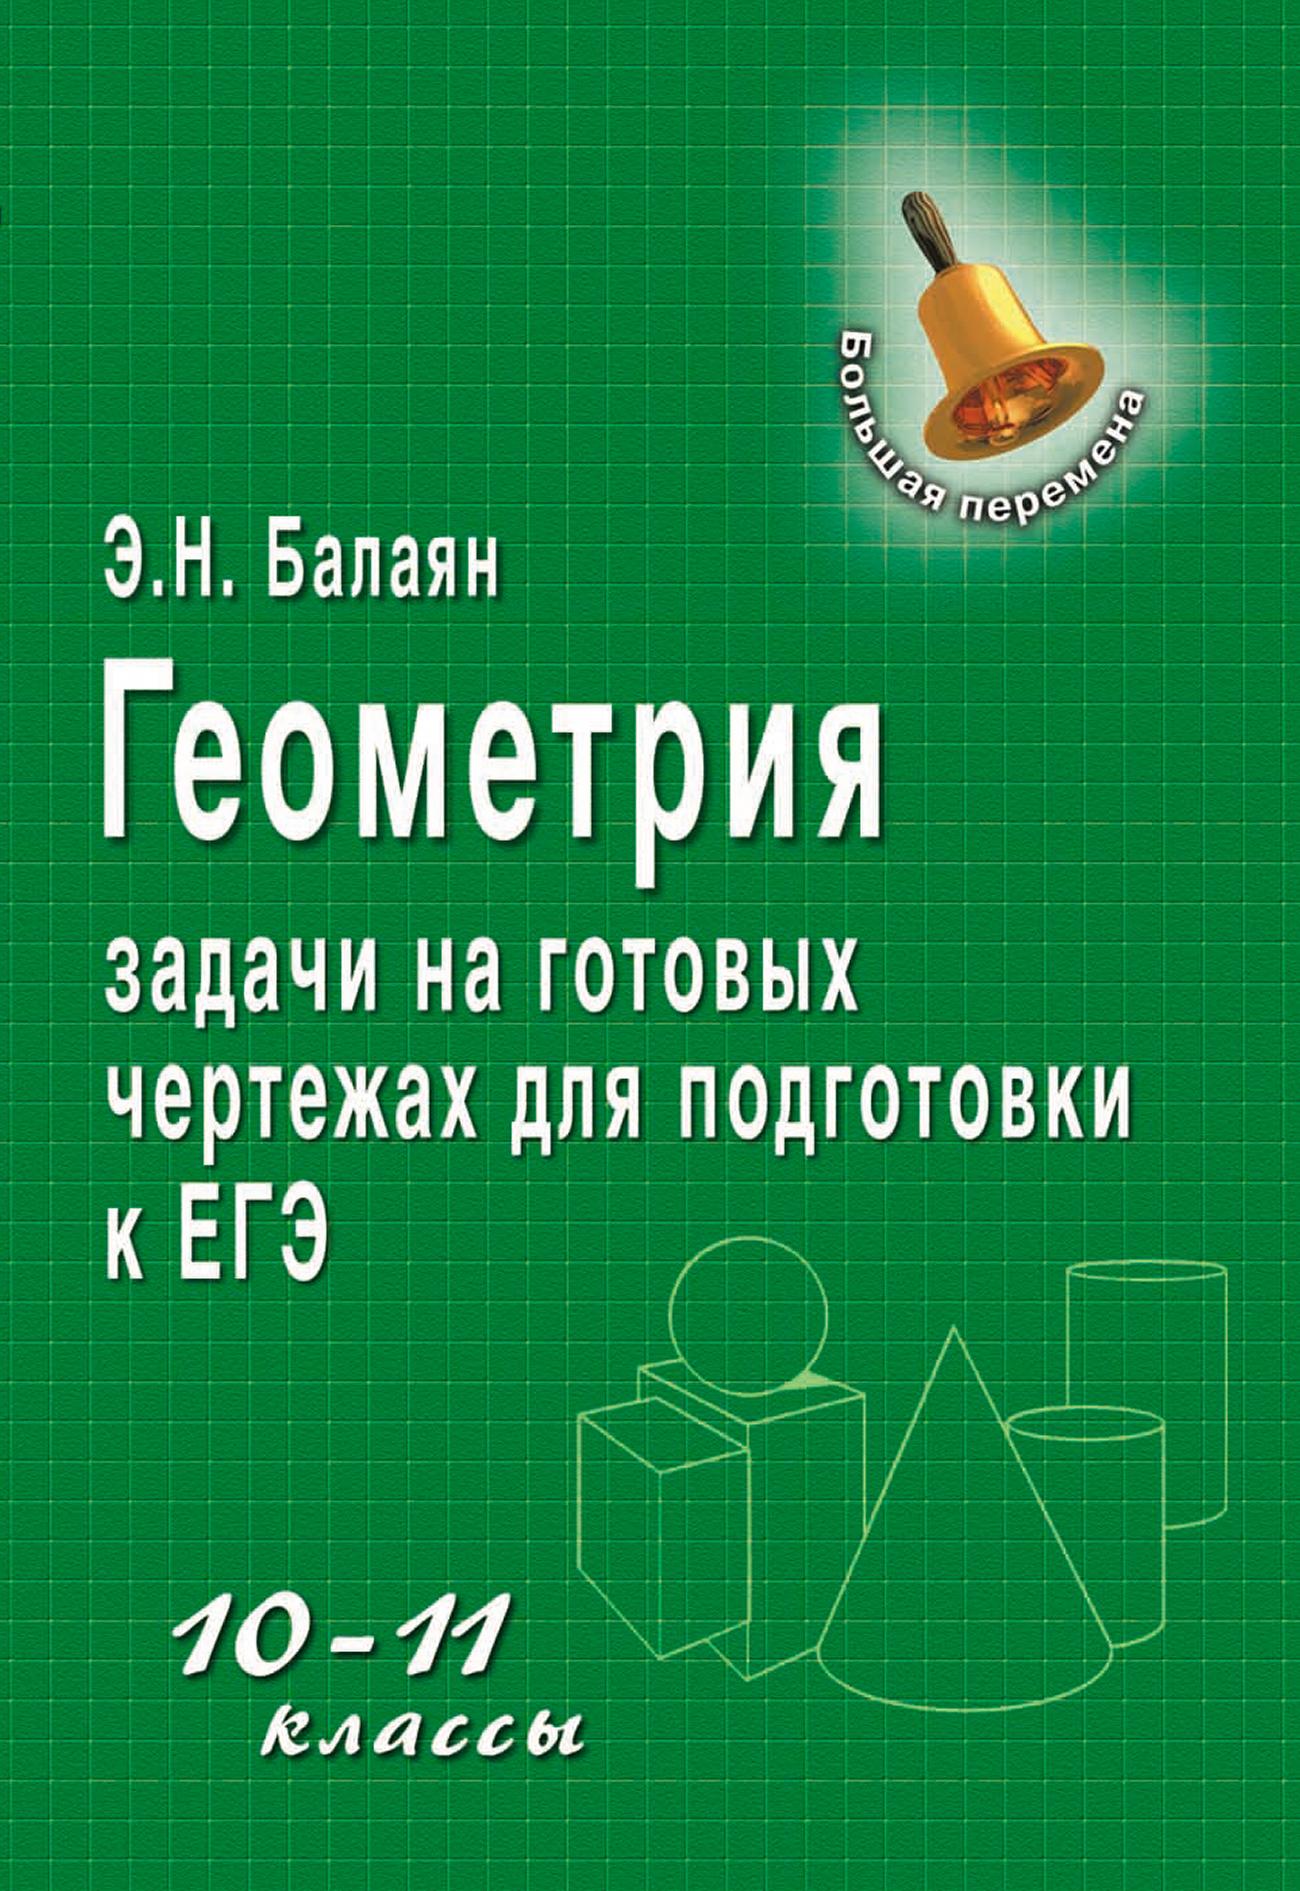 Э. Н. Балаян Геометрия. Задачи на готовых чертежах для подготовки к ЕГЭ. 10–11 классы балаян э геометрия задачи на готовых чертежах для подготовки к огэ и егэ 7 класс